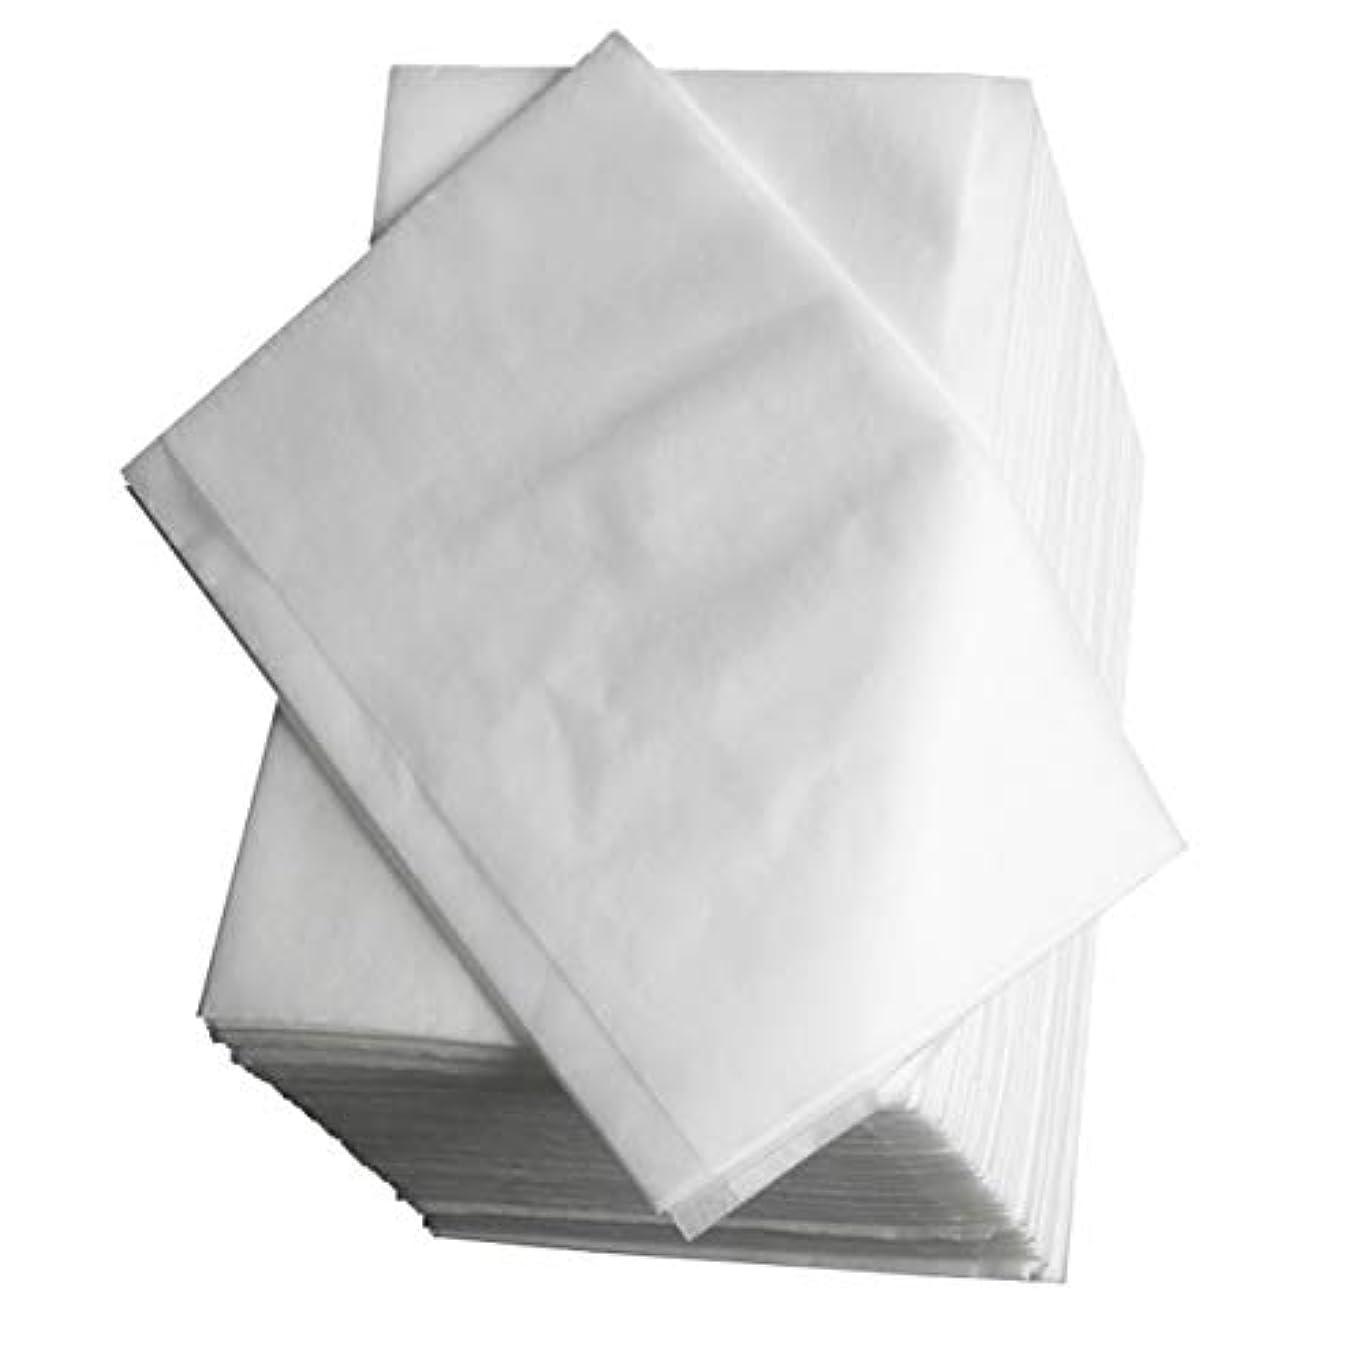 アラート正義親Disposable Bed Linen Beauty Salon Massage Travel Medical Non-woven Mattress Breathable Antibacterial Anti-infective